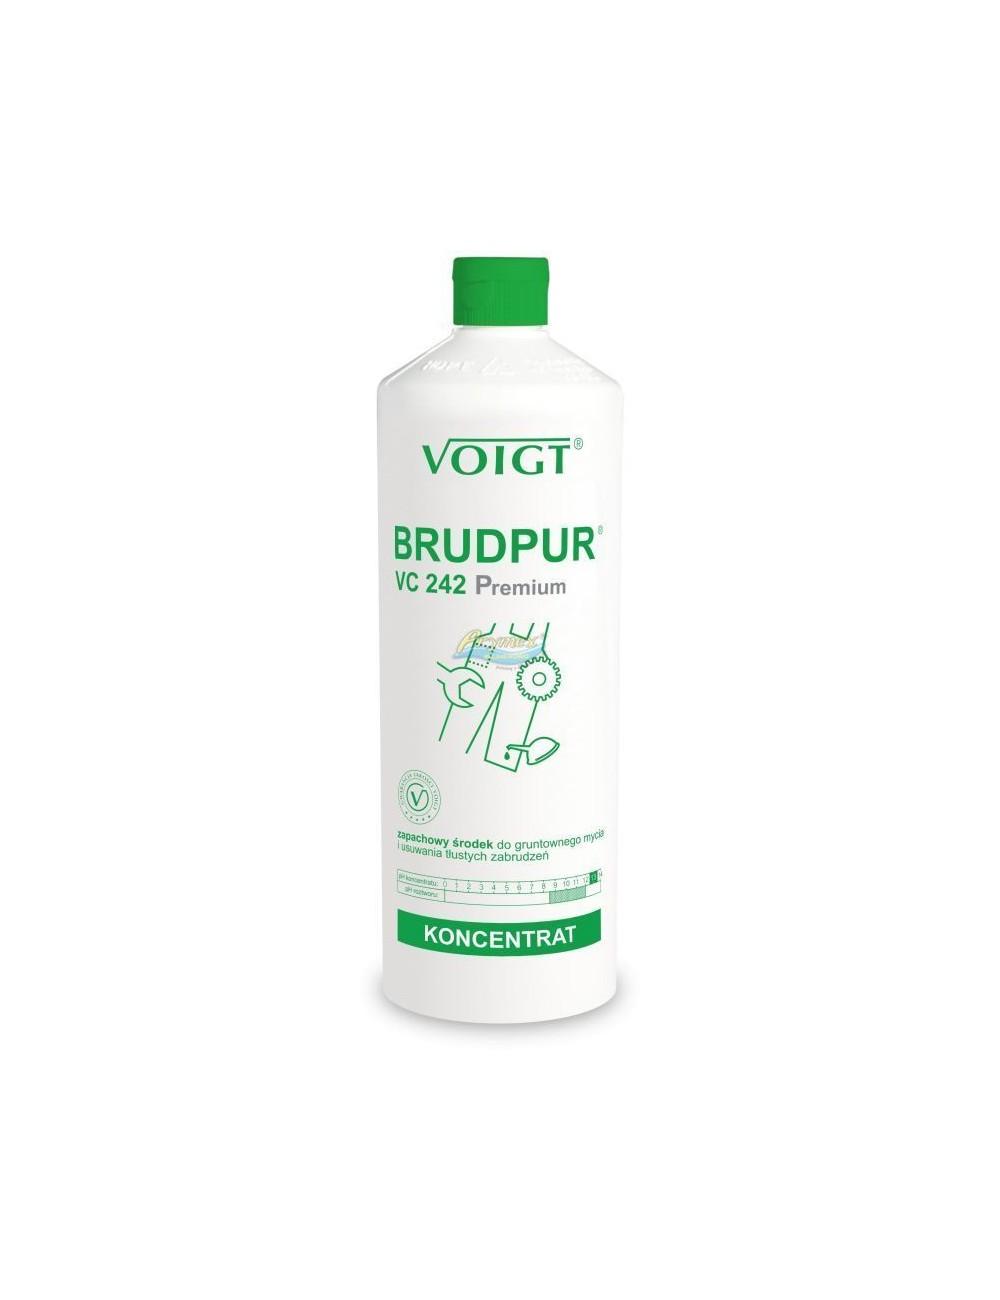 Voigt Brudpur Premium VC-242 Zapachowy Koncentrat do Gruntownego Mycia i Usuwania Tłustych Zabrudzeń 1 L